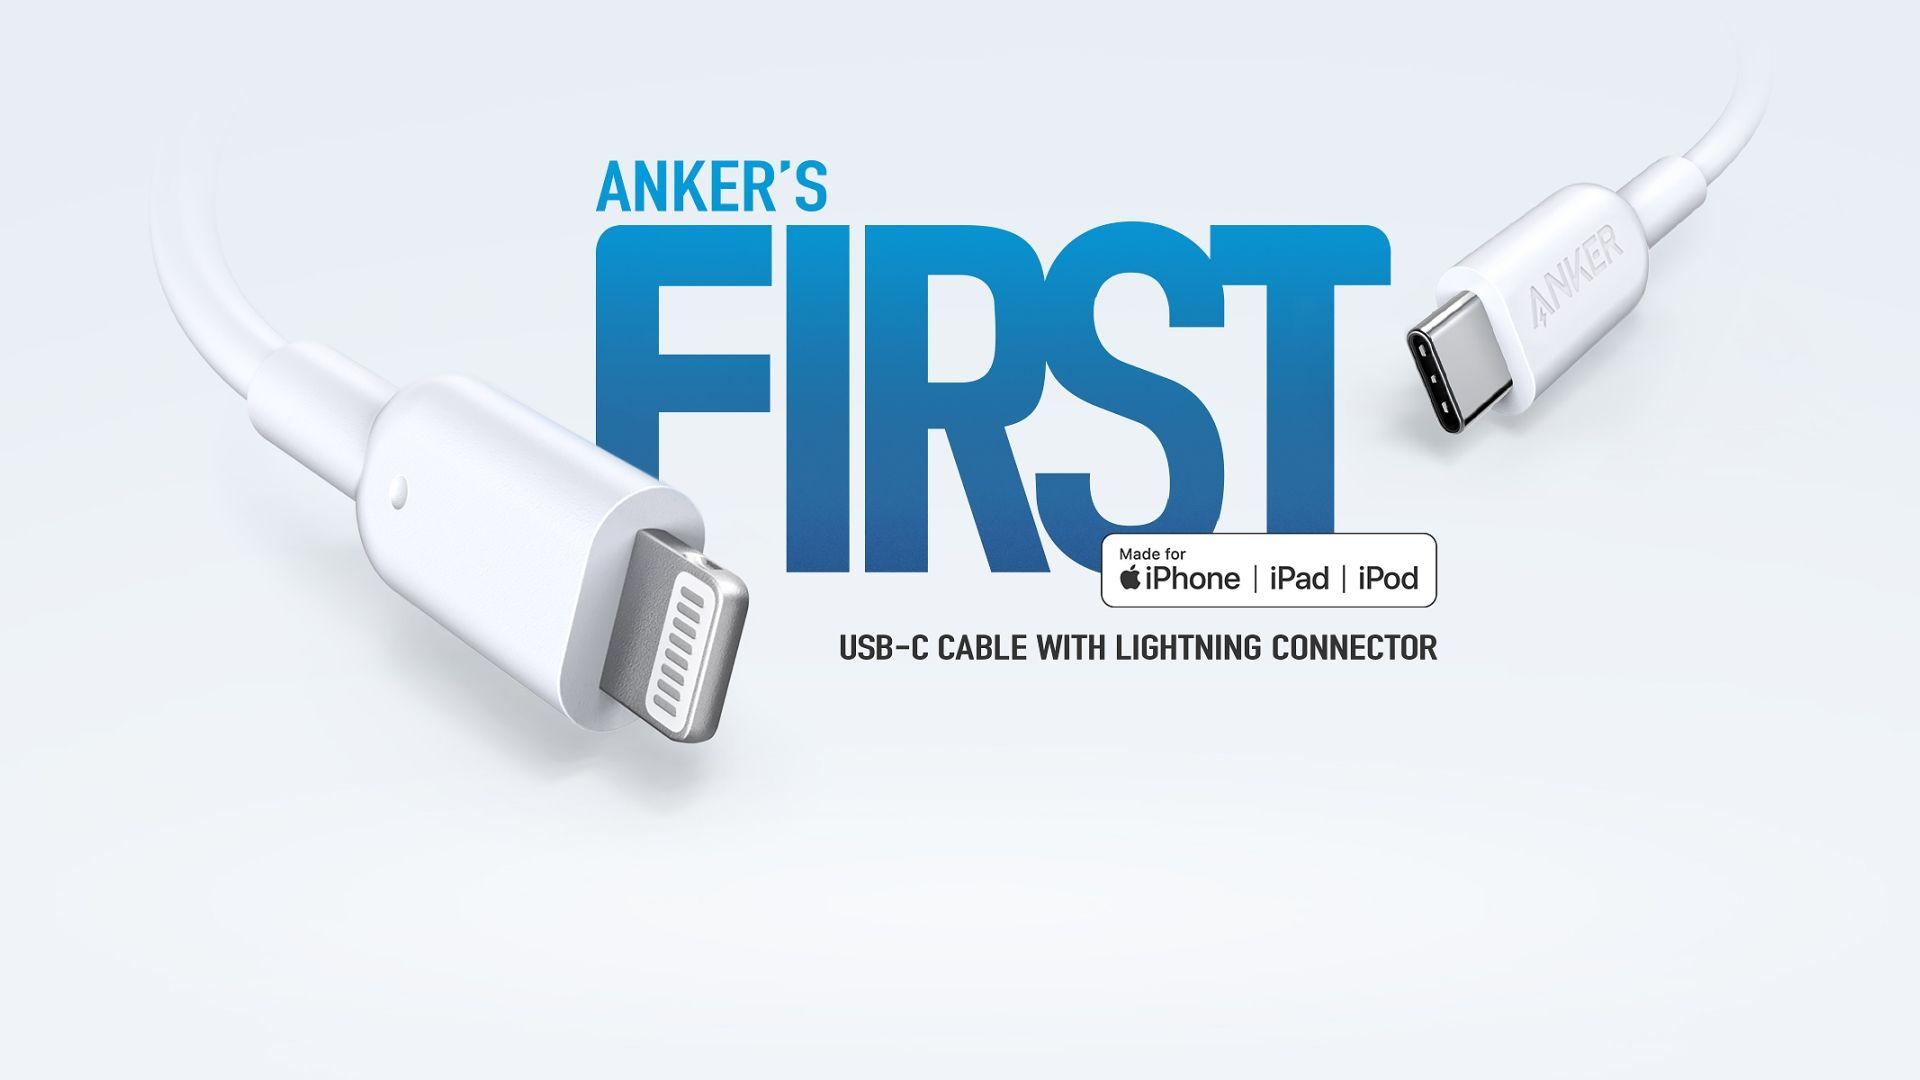 Anker pierwsza firma z certyfikowanym kablem USB-C i Lightning